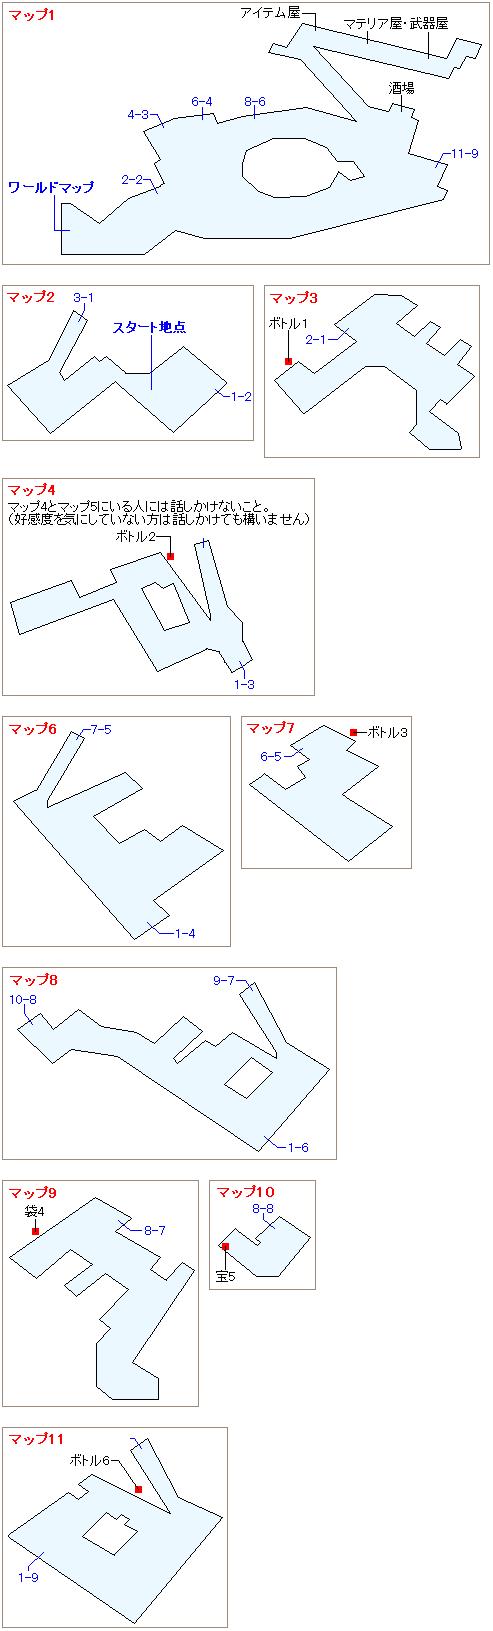 ストーリー攻略マップ・カーム(1)